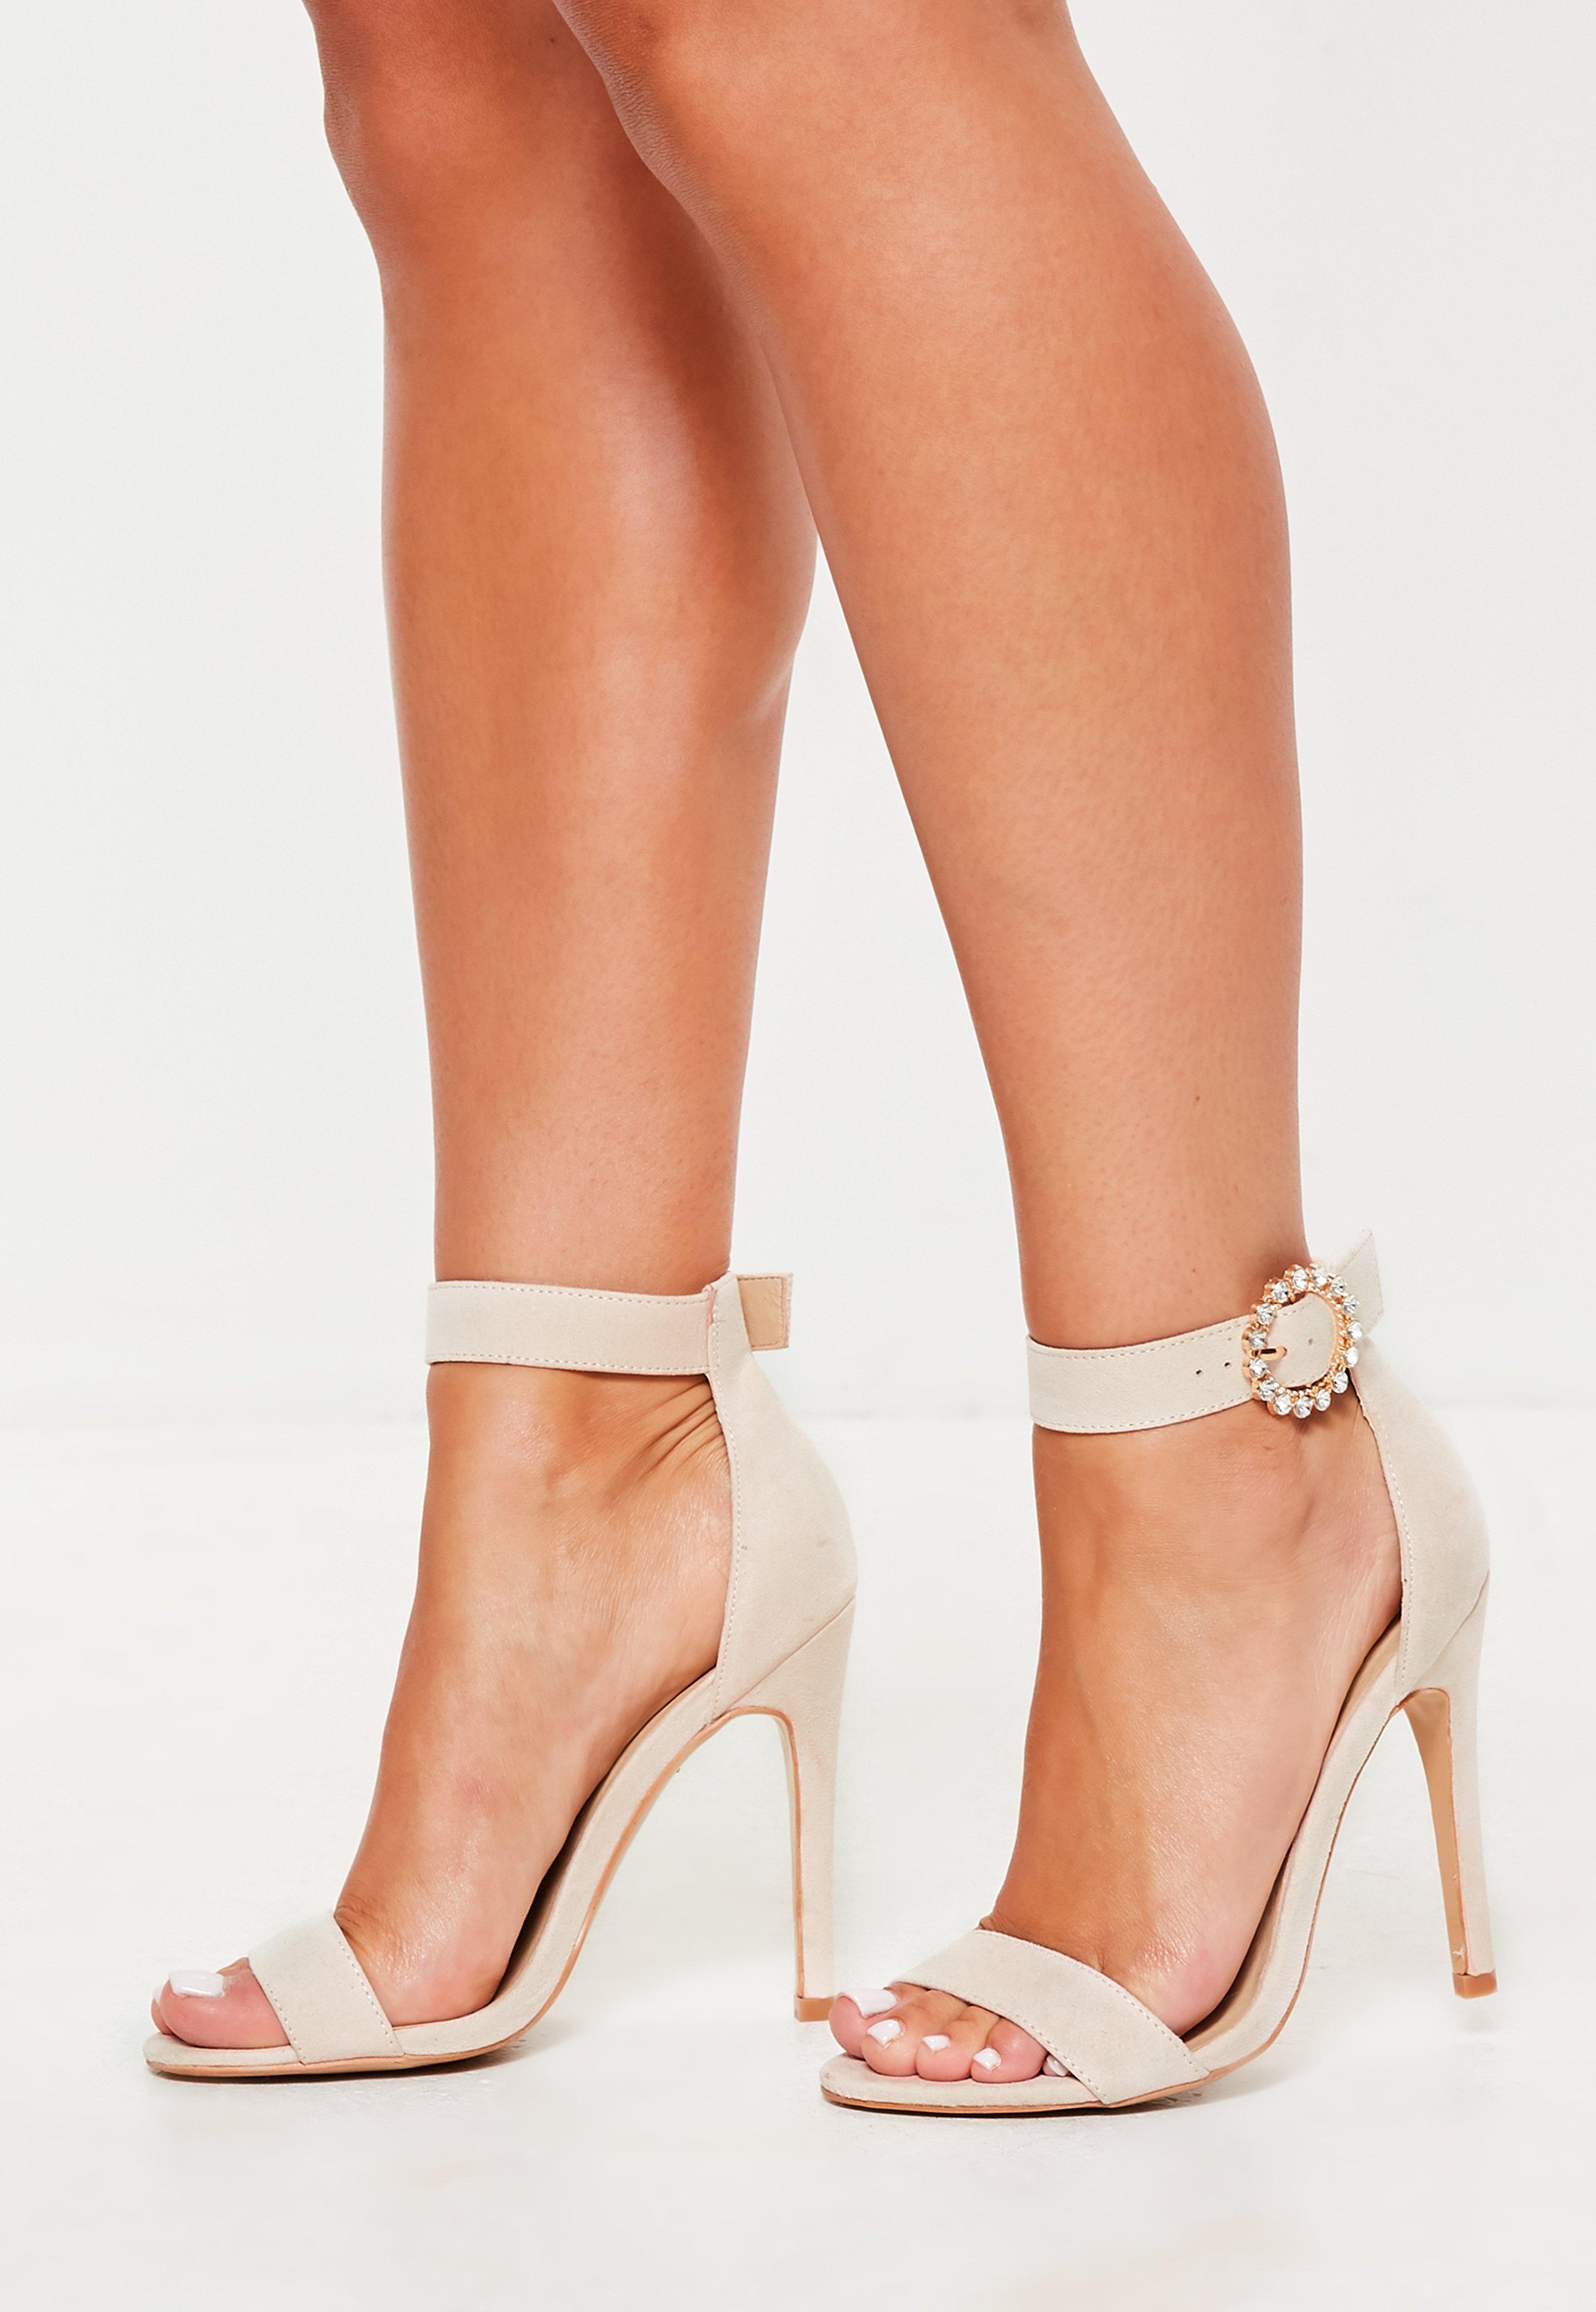 cb06e852dbd5a High Heels - Shop Women s Stilettos Online